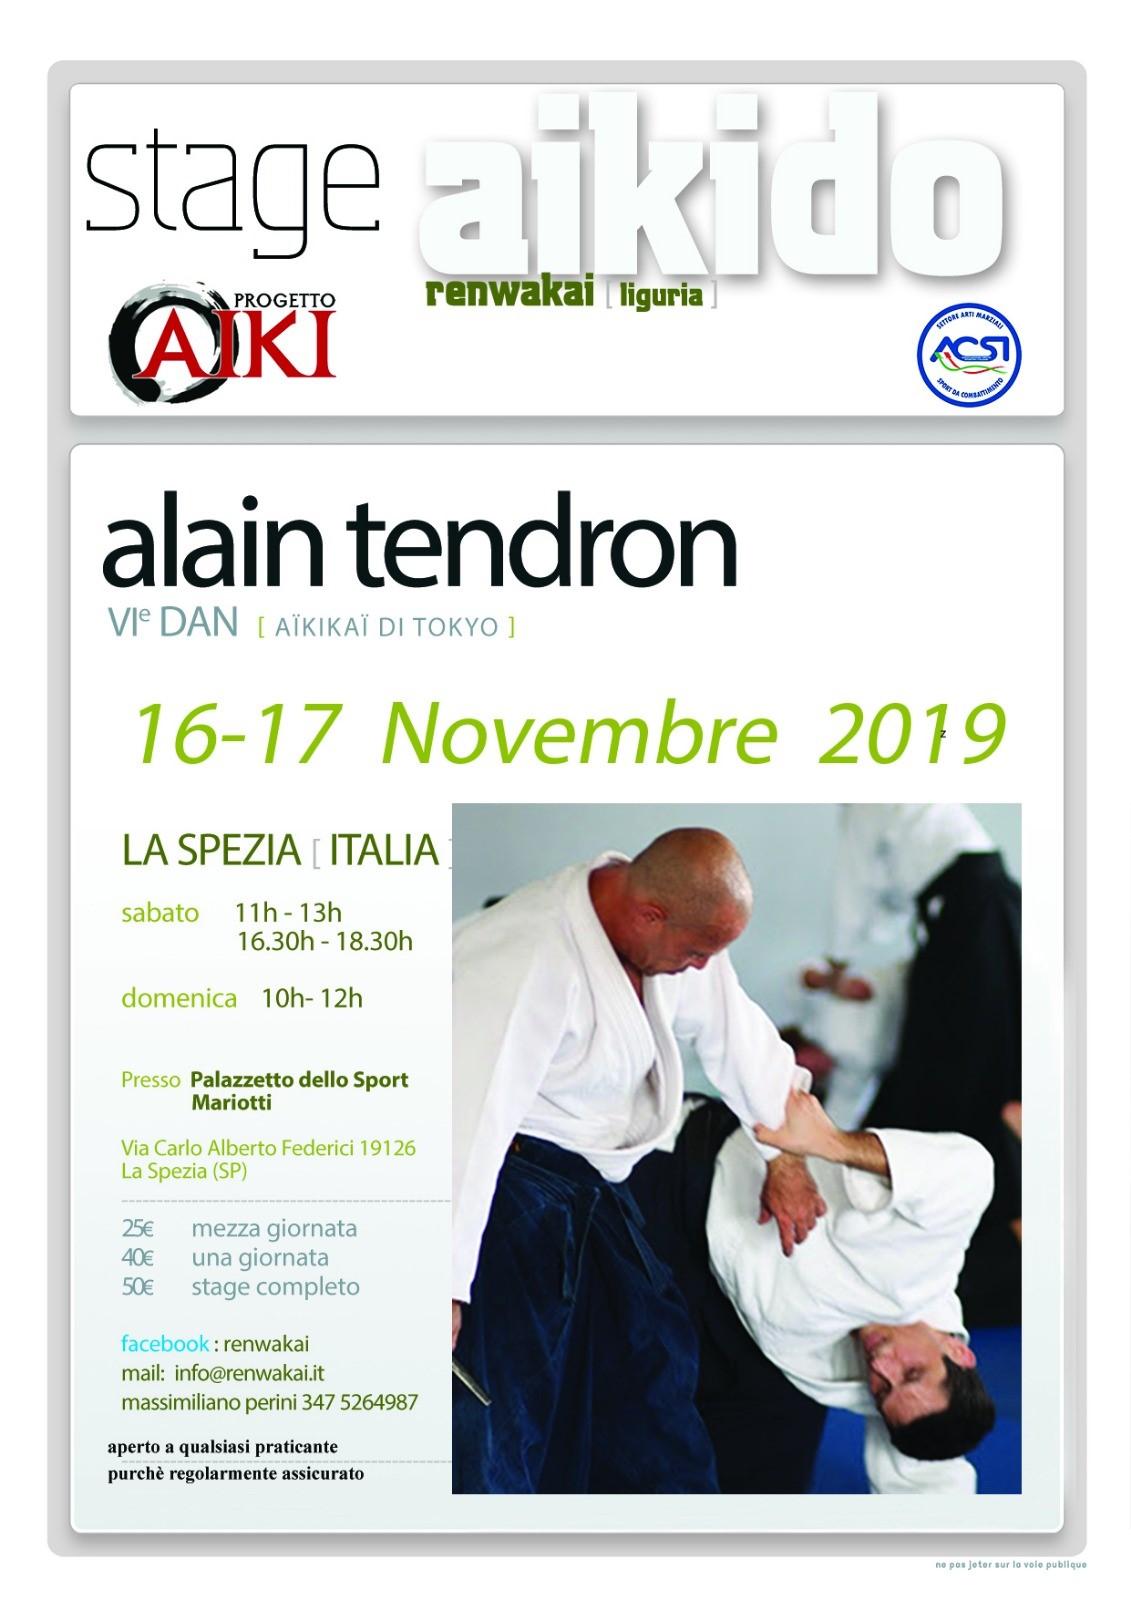 Stage - Alan Tendron- 16-17 NOV. - LA SPEZIA